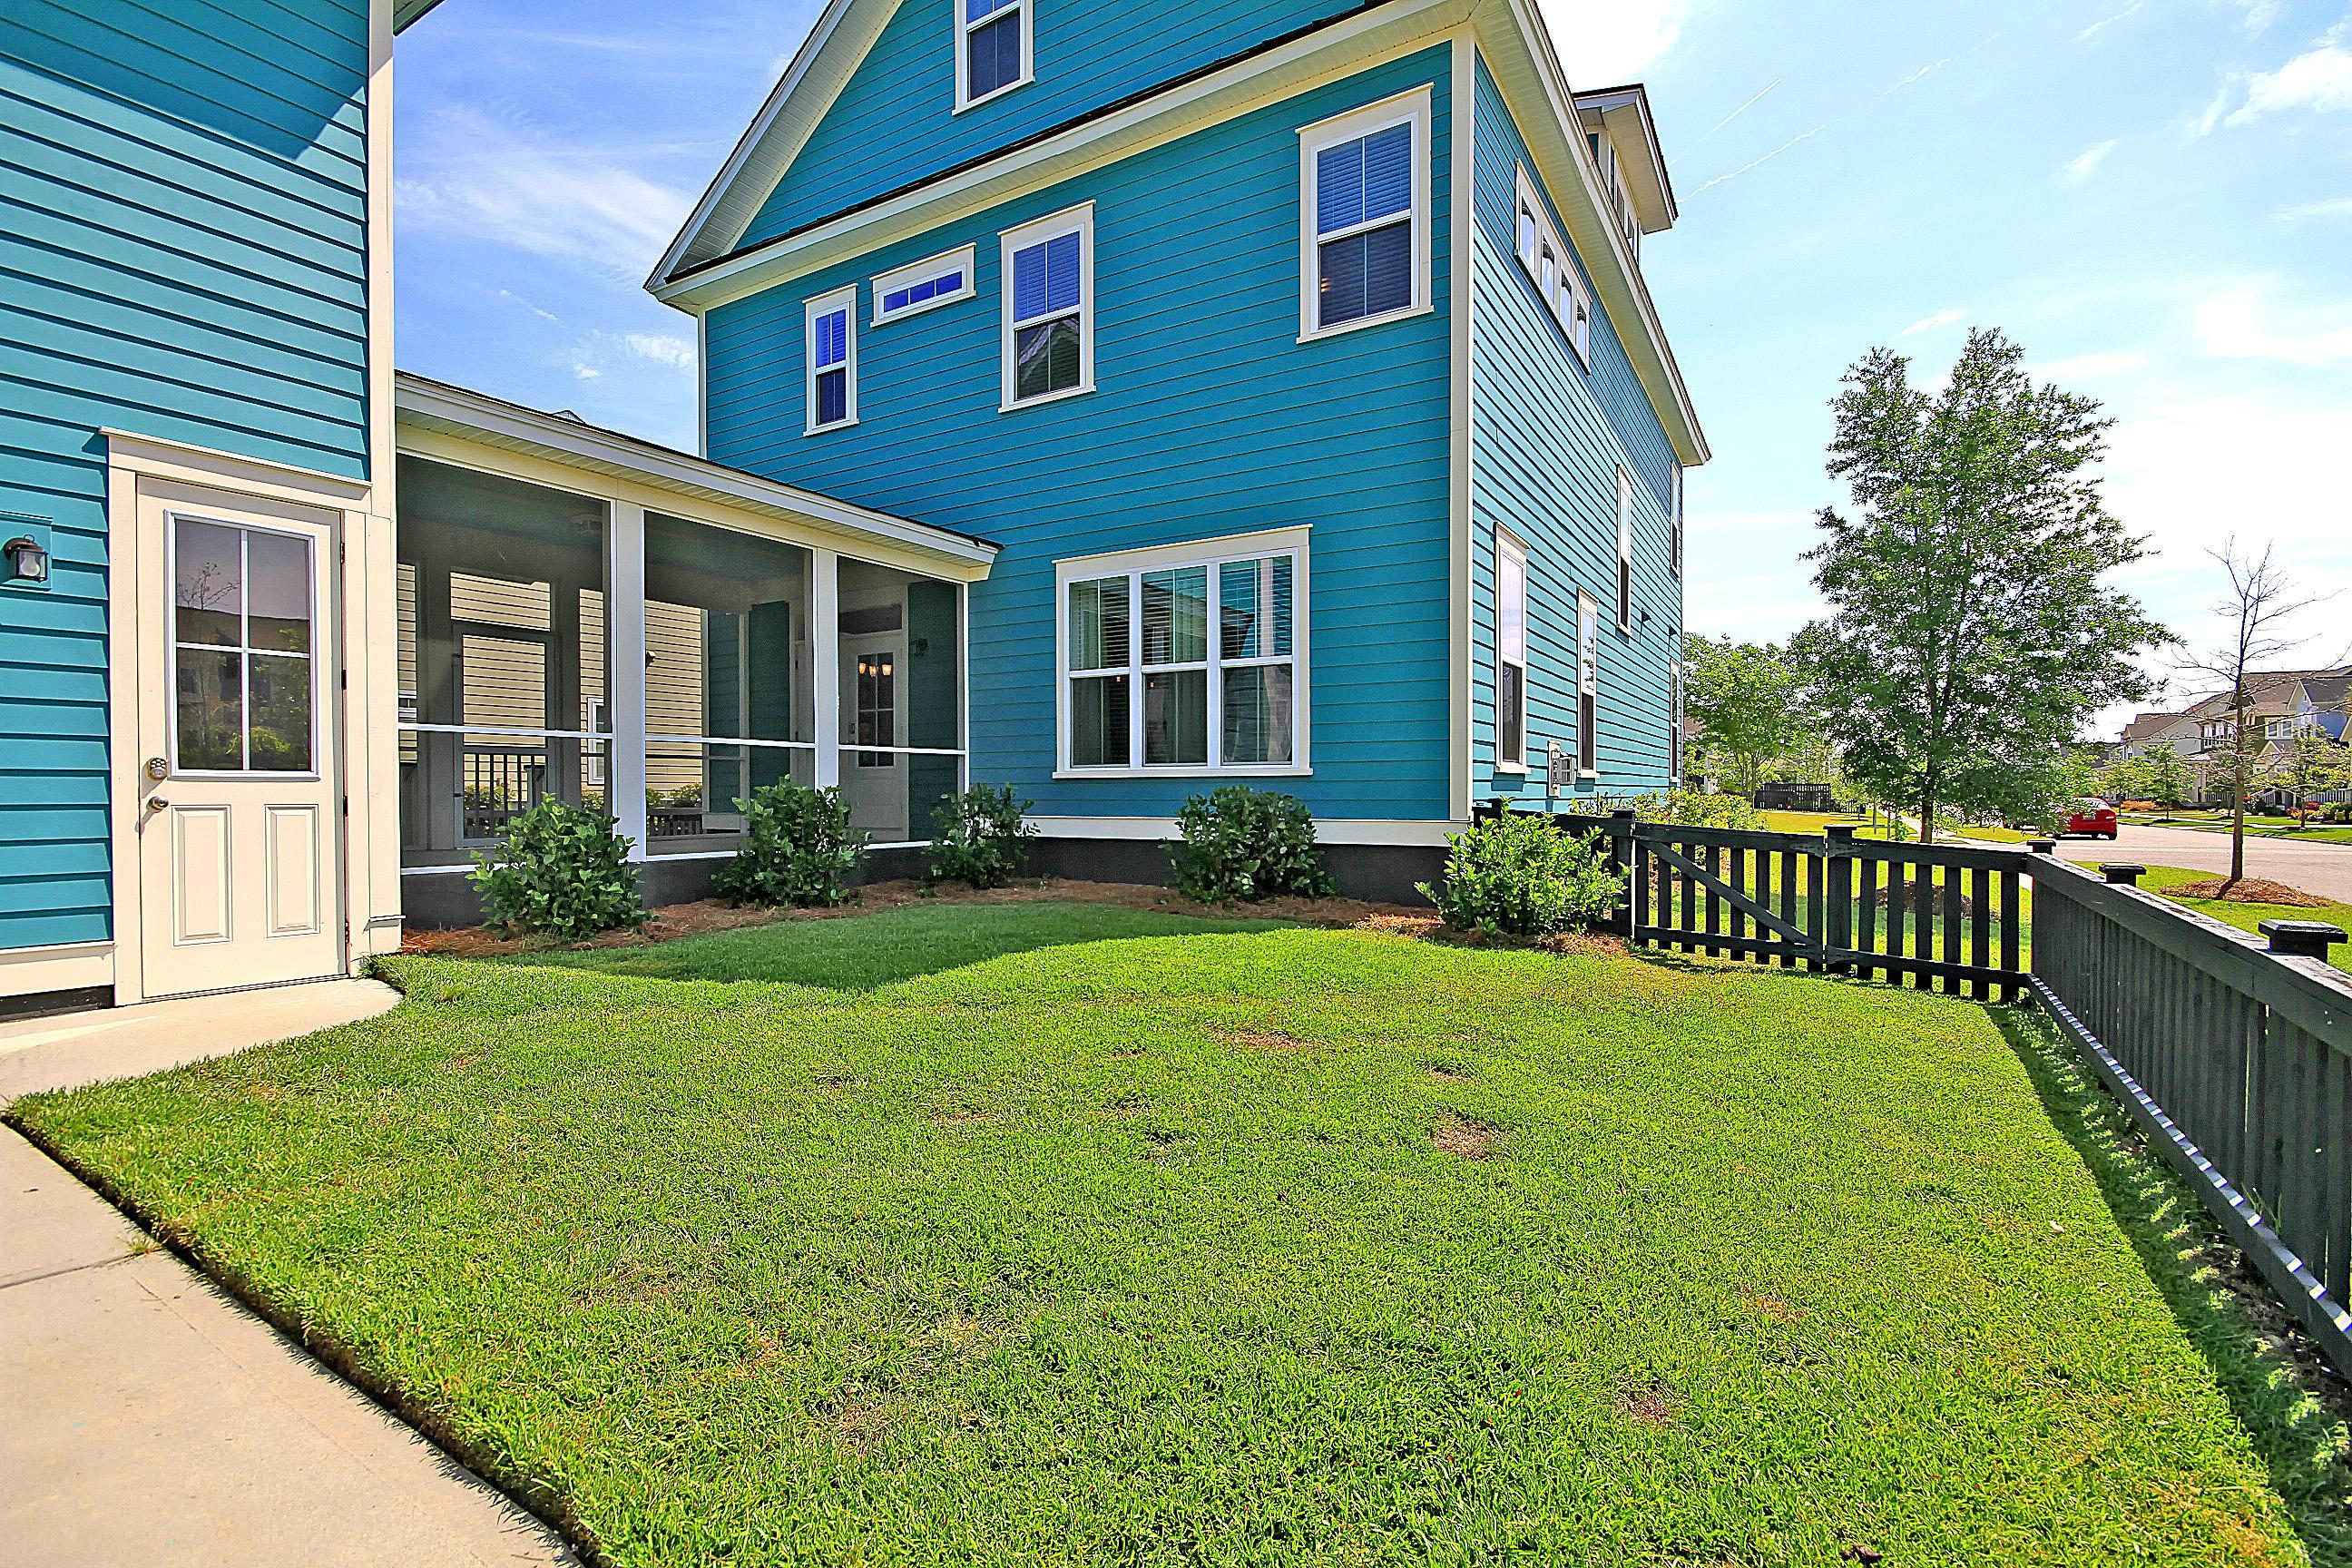 Carnes Crossroads Homes For Sale - 827 Buckler, Summerville, SC - 5